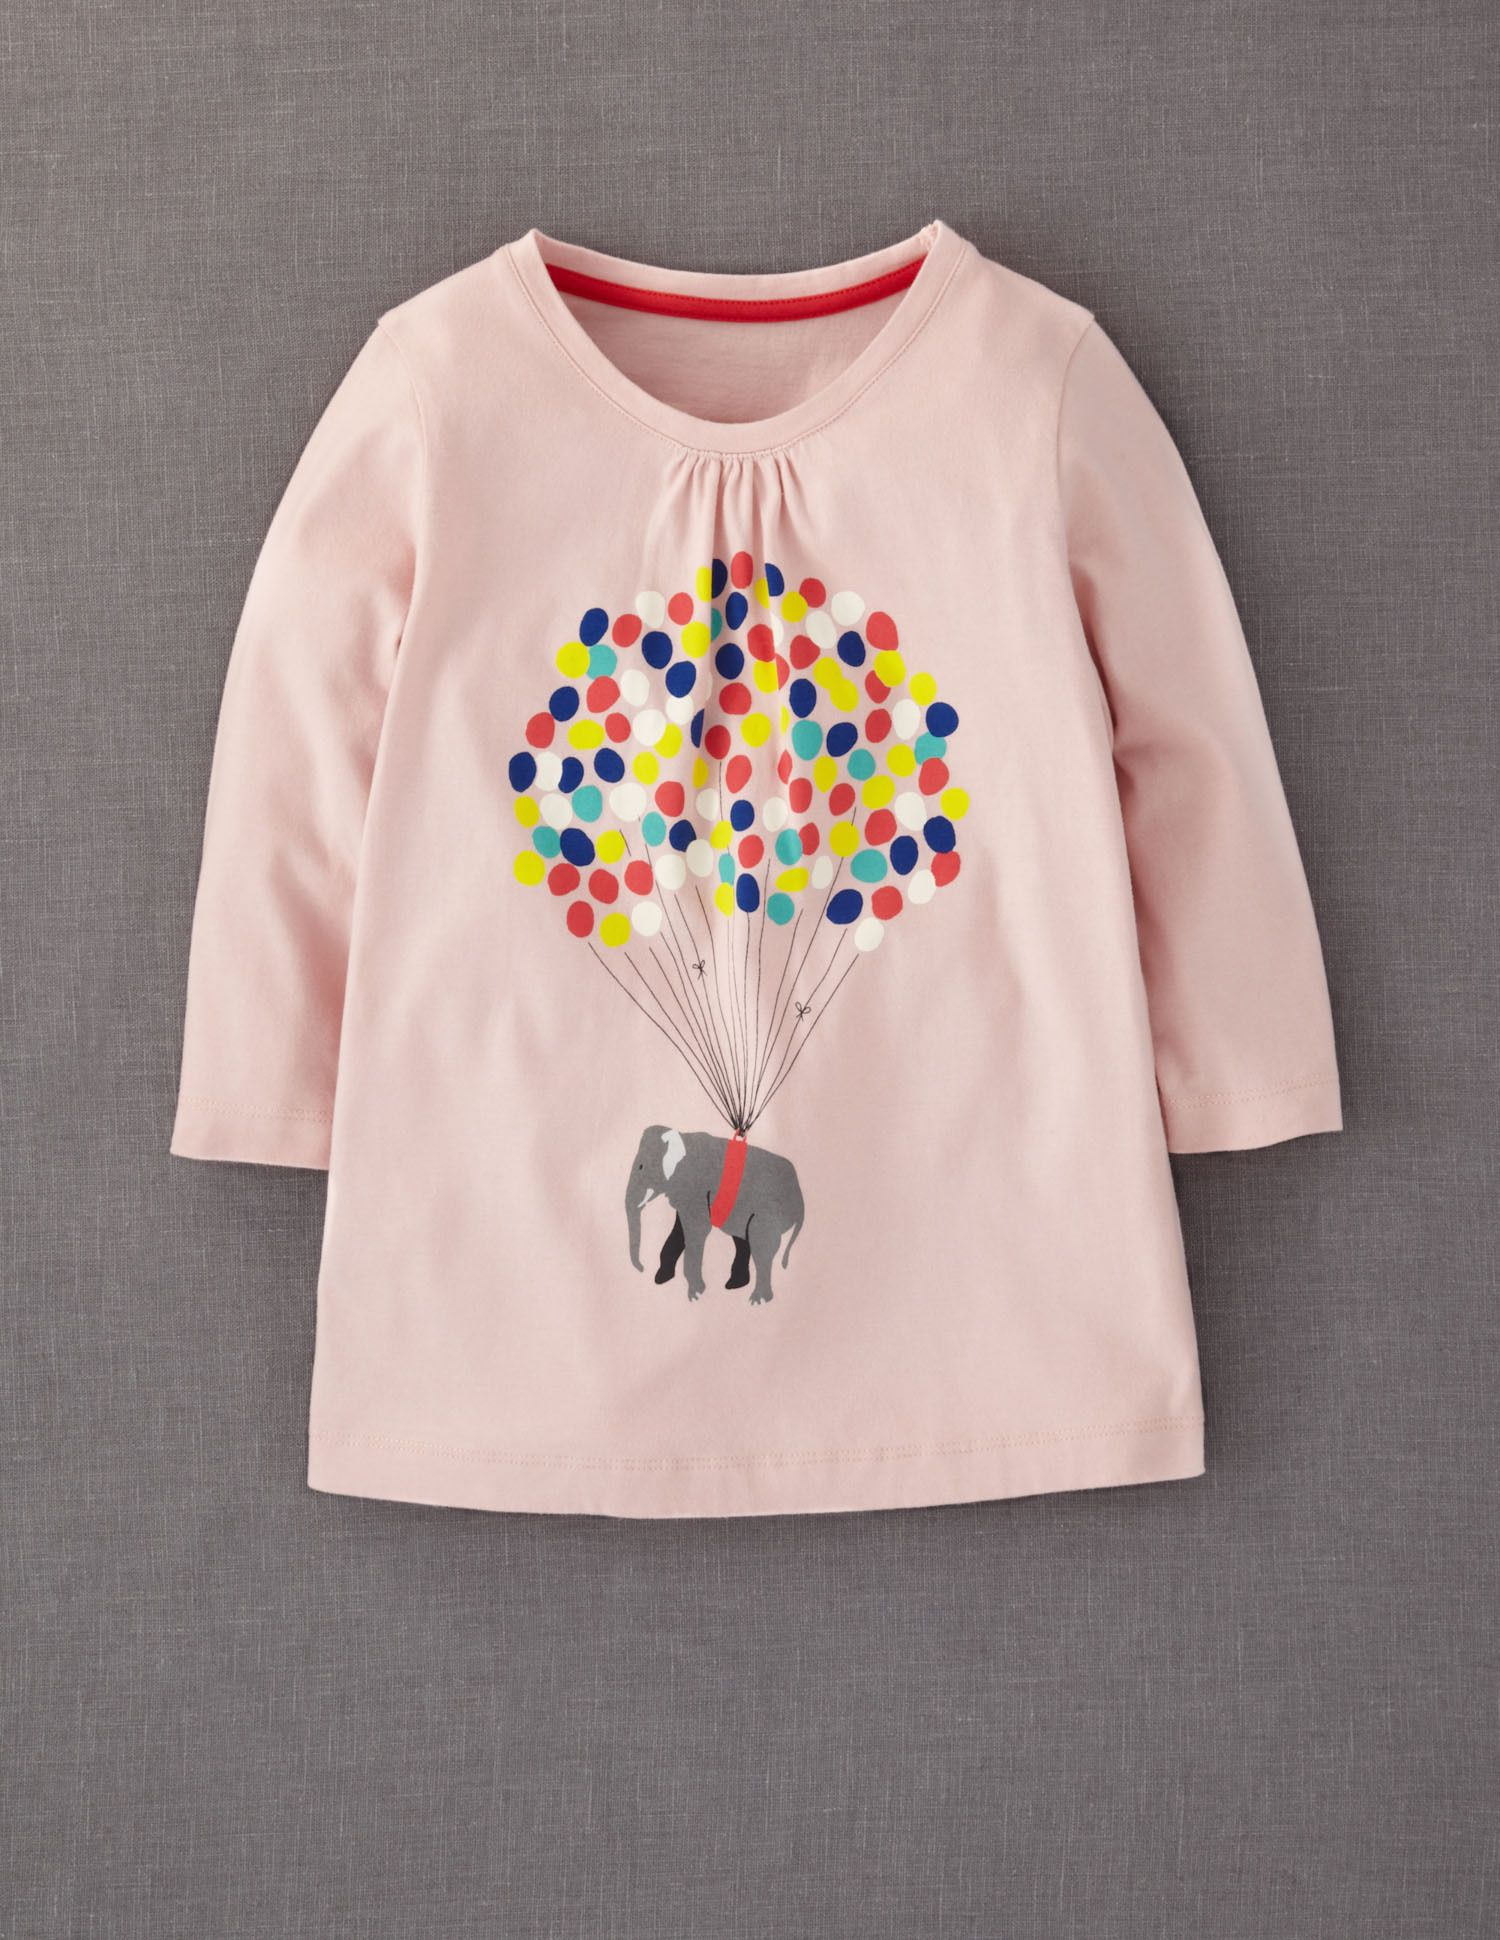 Tall Tales T-shirt, mini boden   Pretty Kids Clothes ...